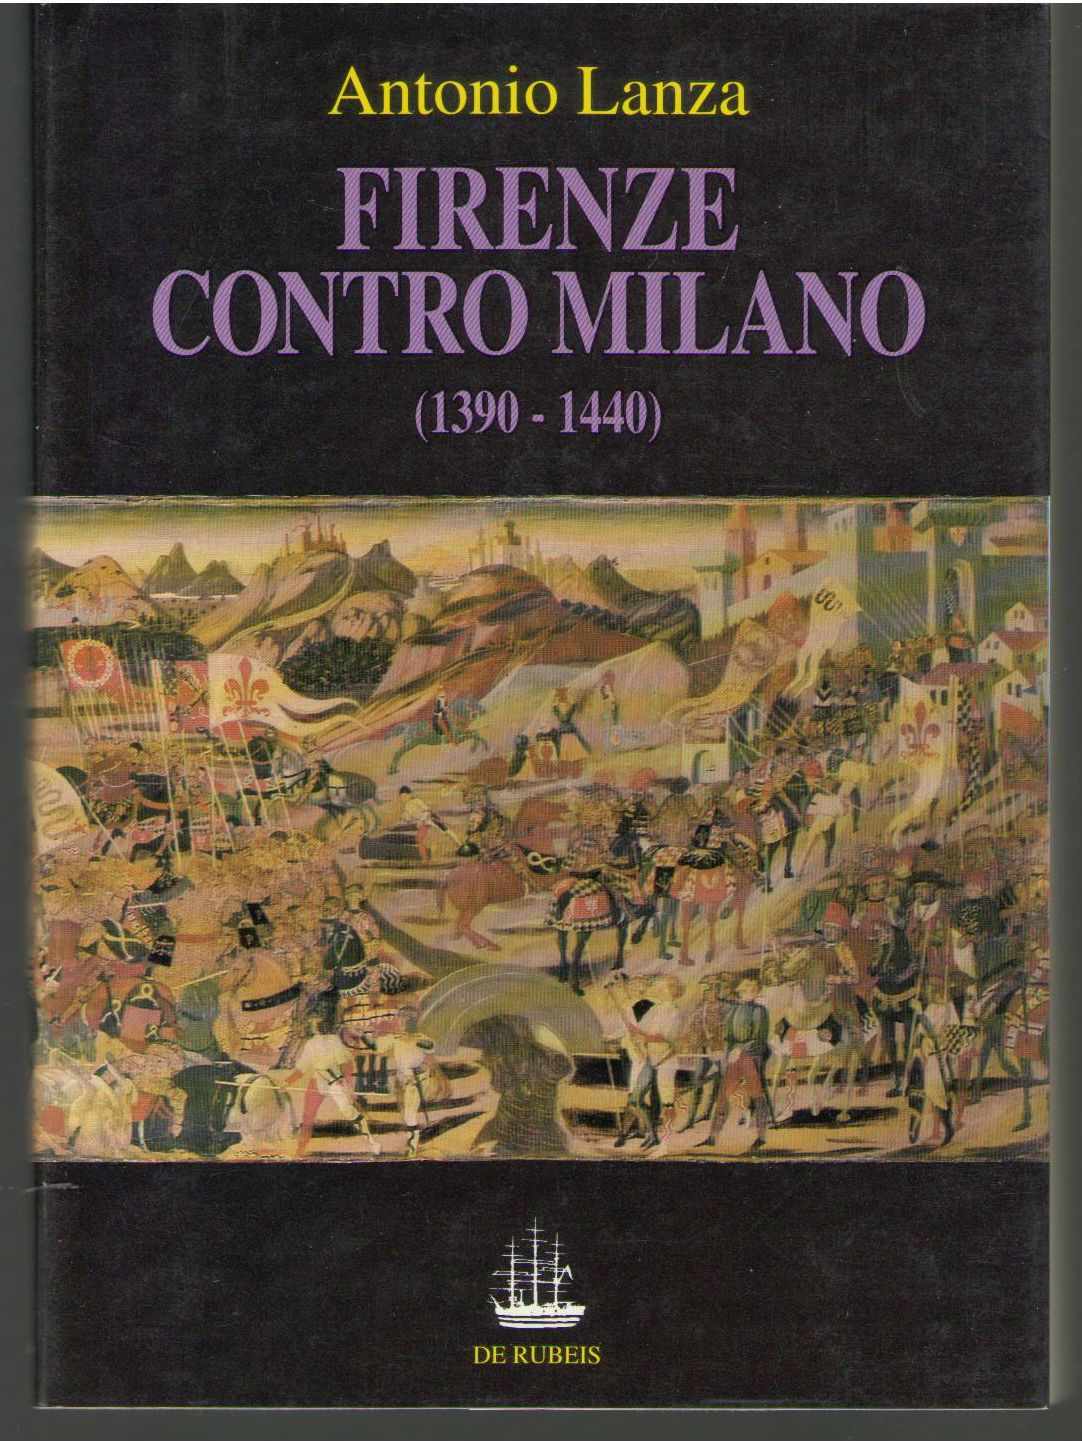 Firenze contro Milano: Gli intellettuali fiorentini nelle guerre con i Visconti, 1390-1440 (Medioevo e Rinascimento), Antonio Lanza